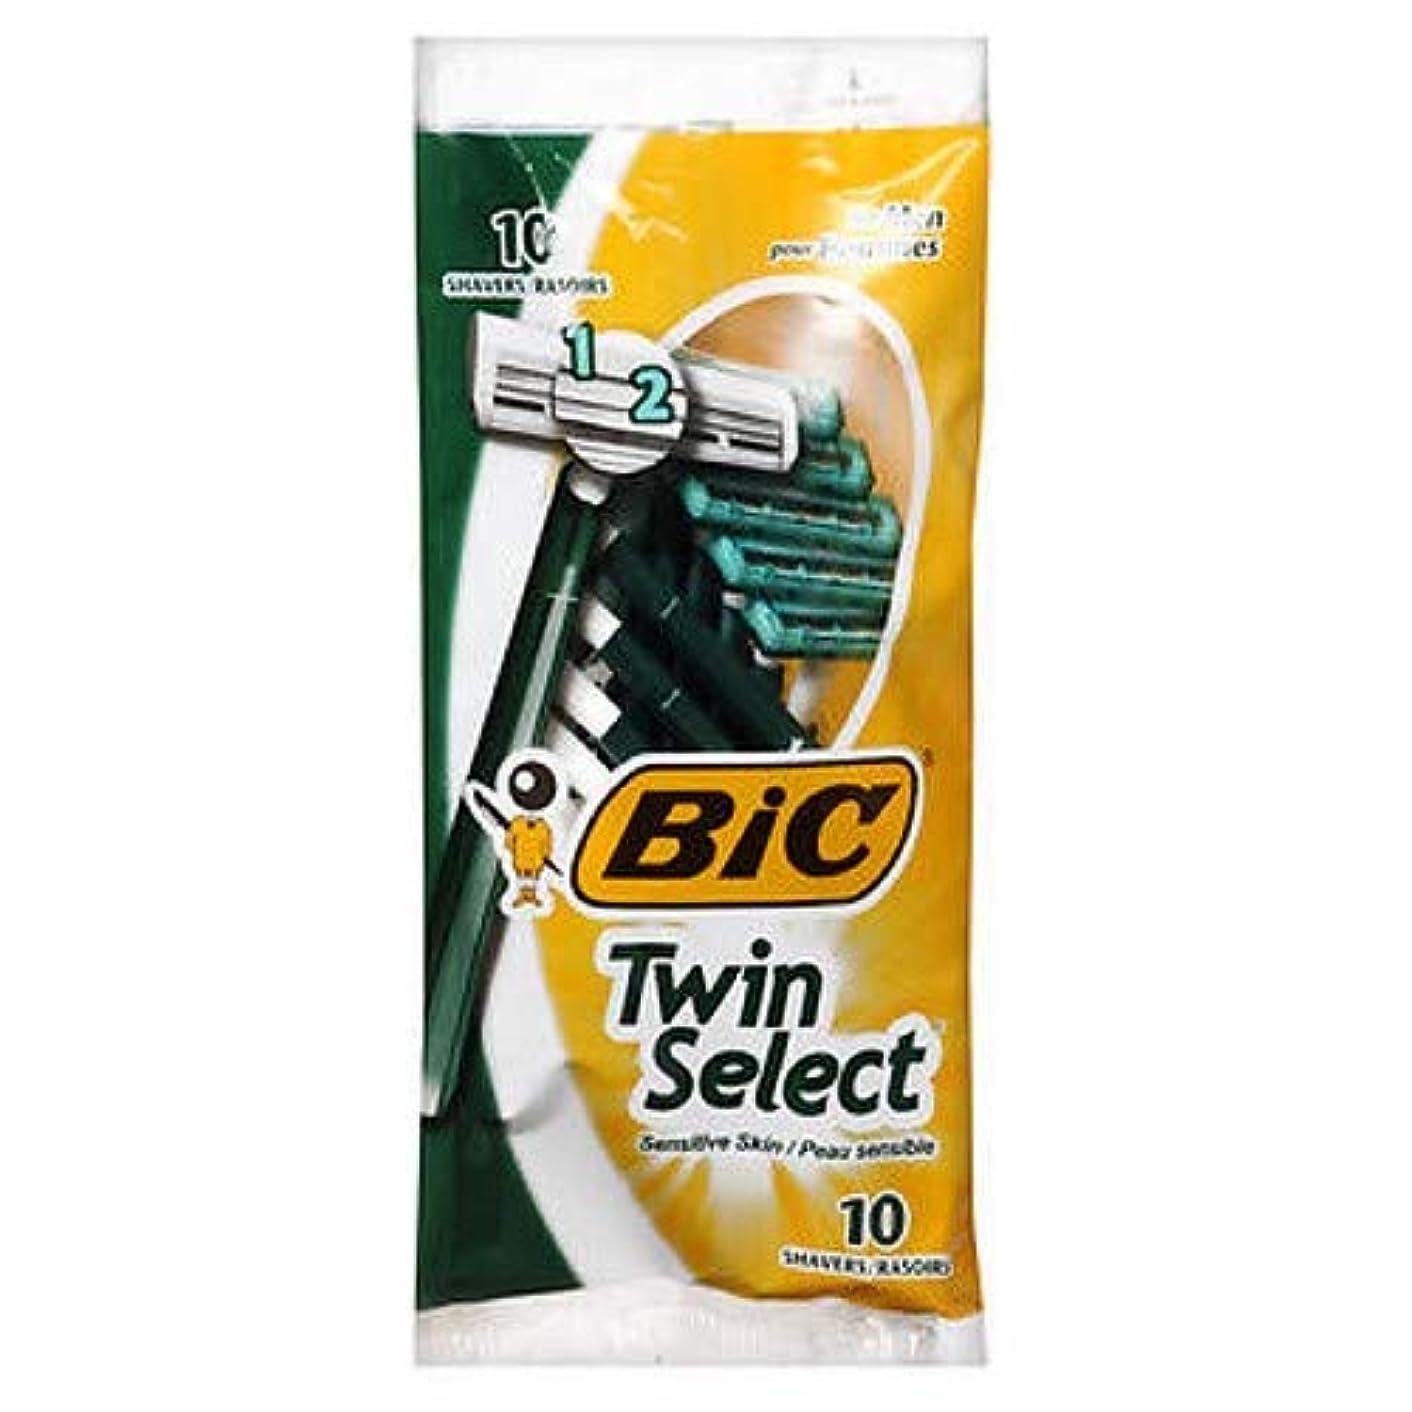 小麦夕食を食べるリアルBIC 男性の敏感肌用ツインセレクトシェーバー10の各(10パック) 10のパック